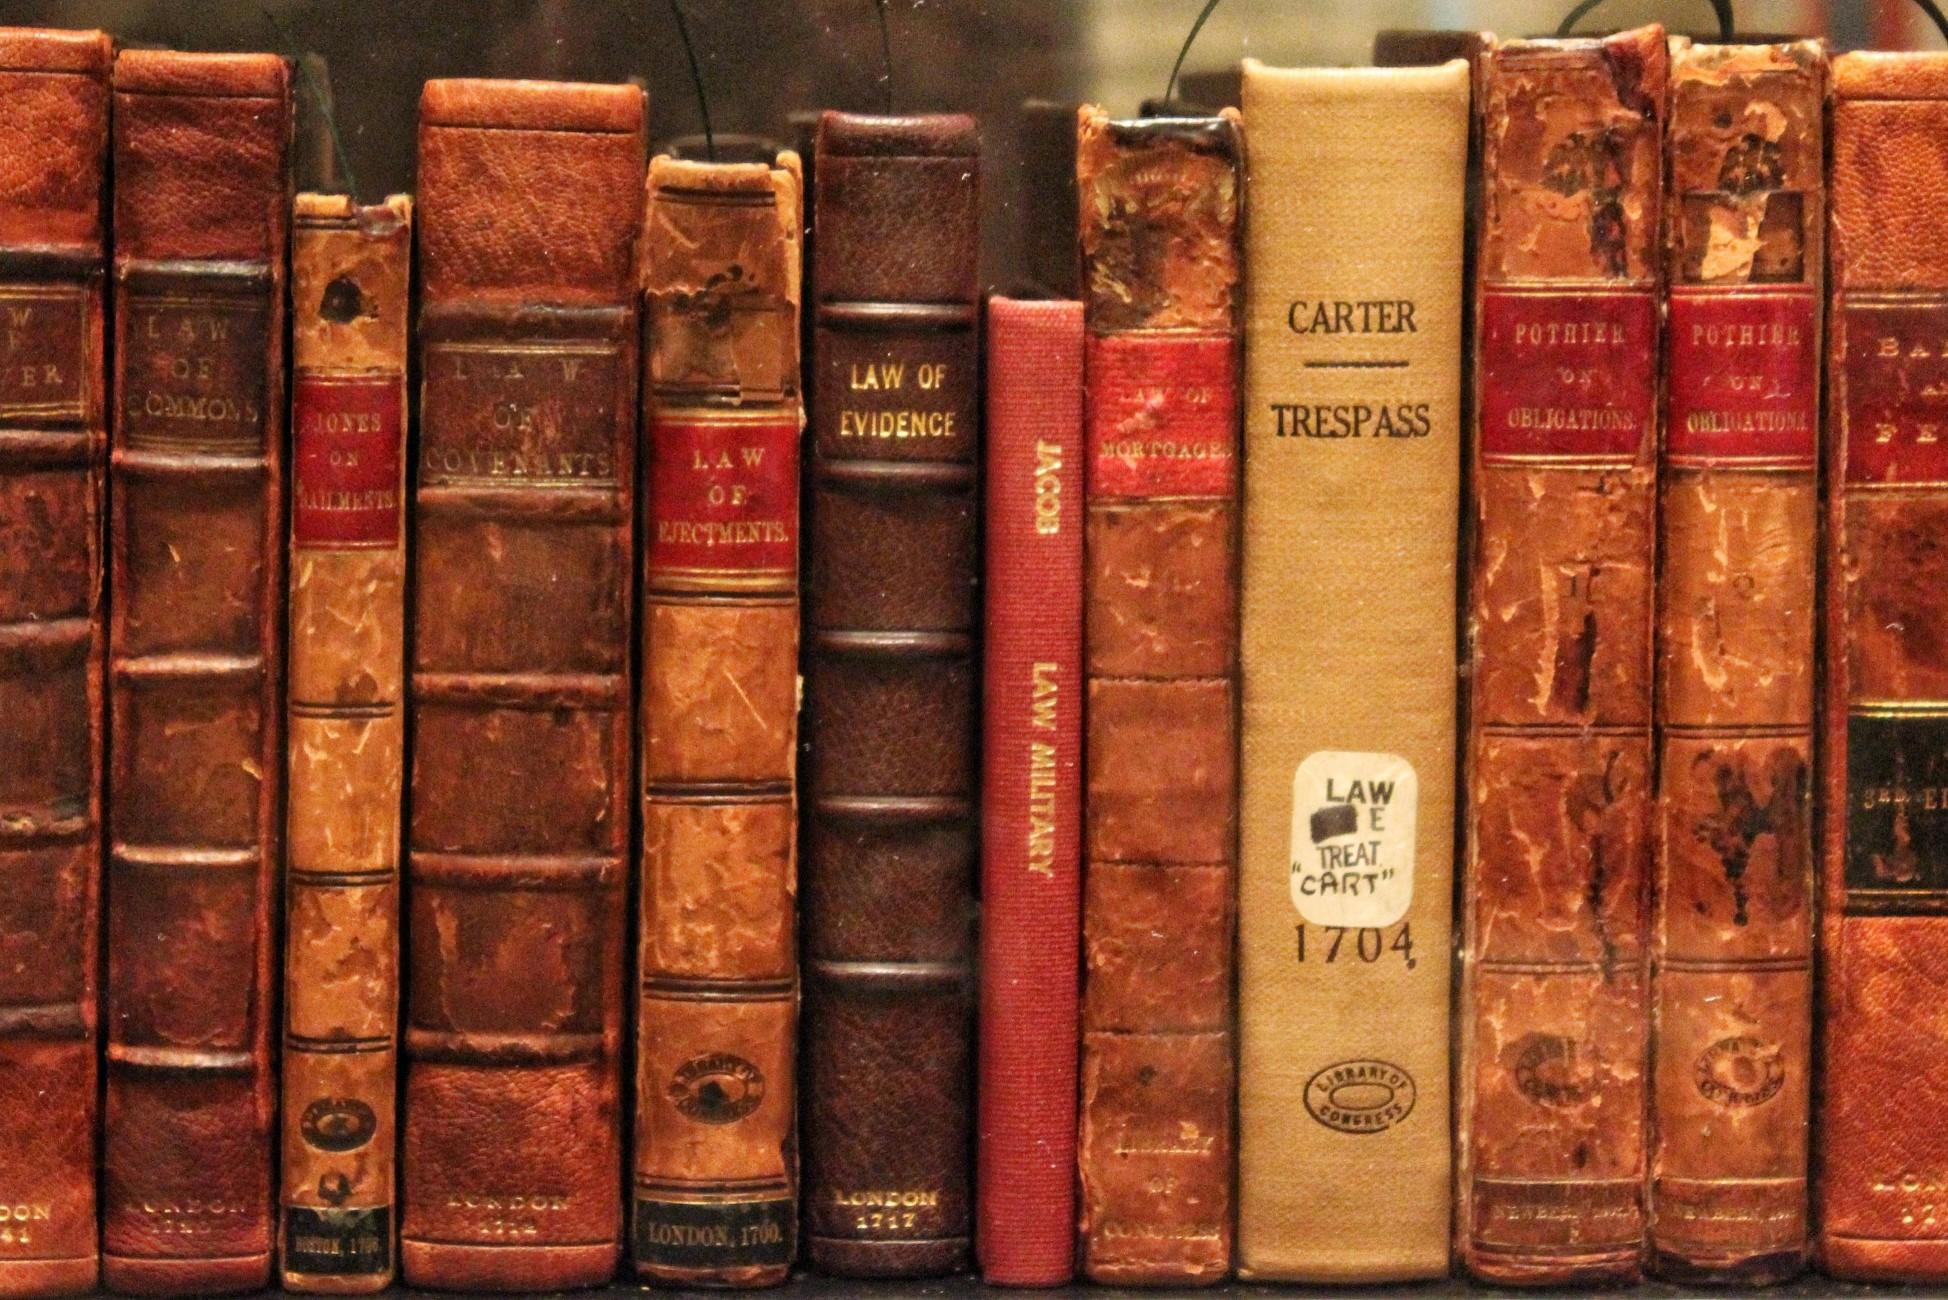 une rangée de livres anciens dans une bibliothèque française